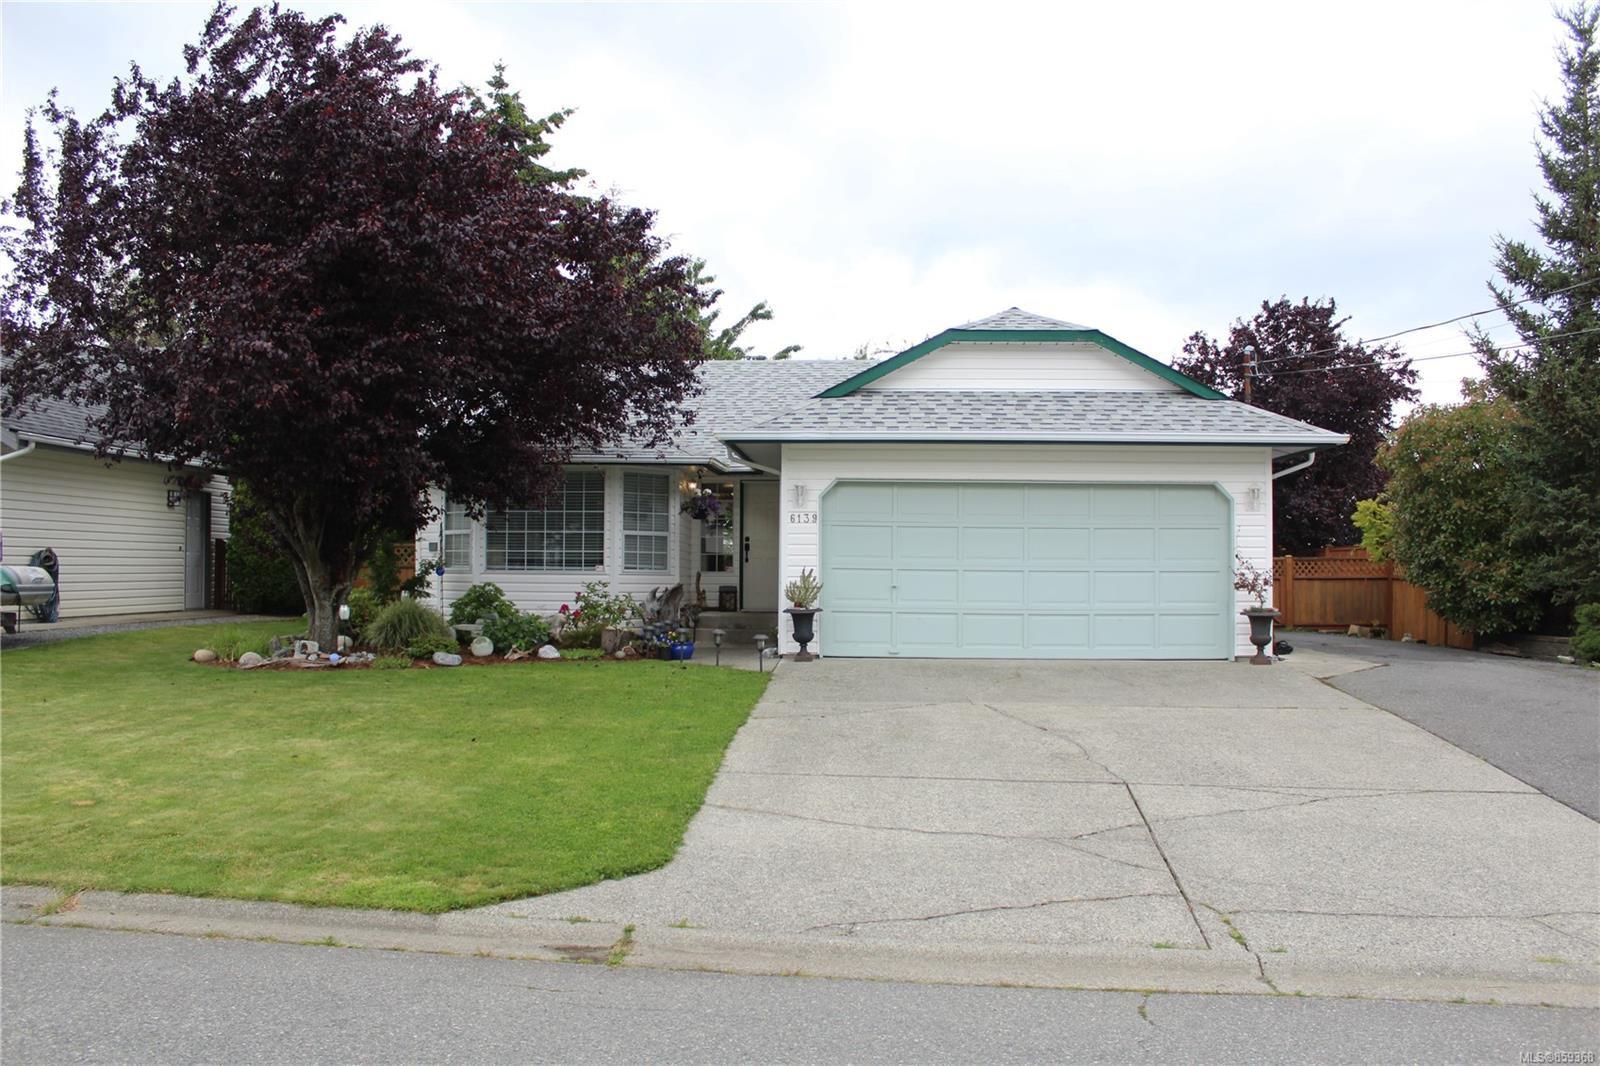 Main Photo: 6139 Kirsten Dr in : Na North Nanaimo House for sale (Nanaimo)  : MLS®# 859368